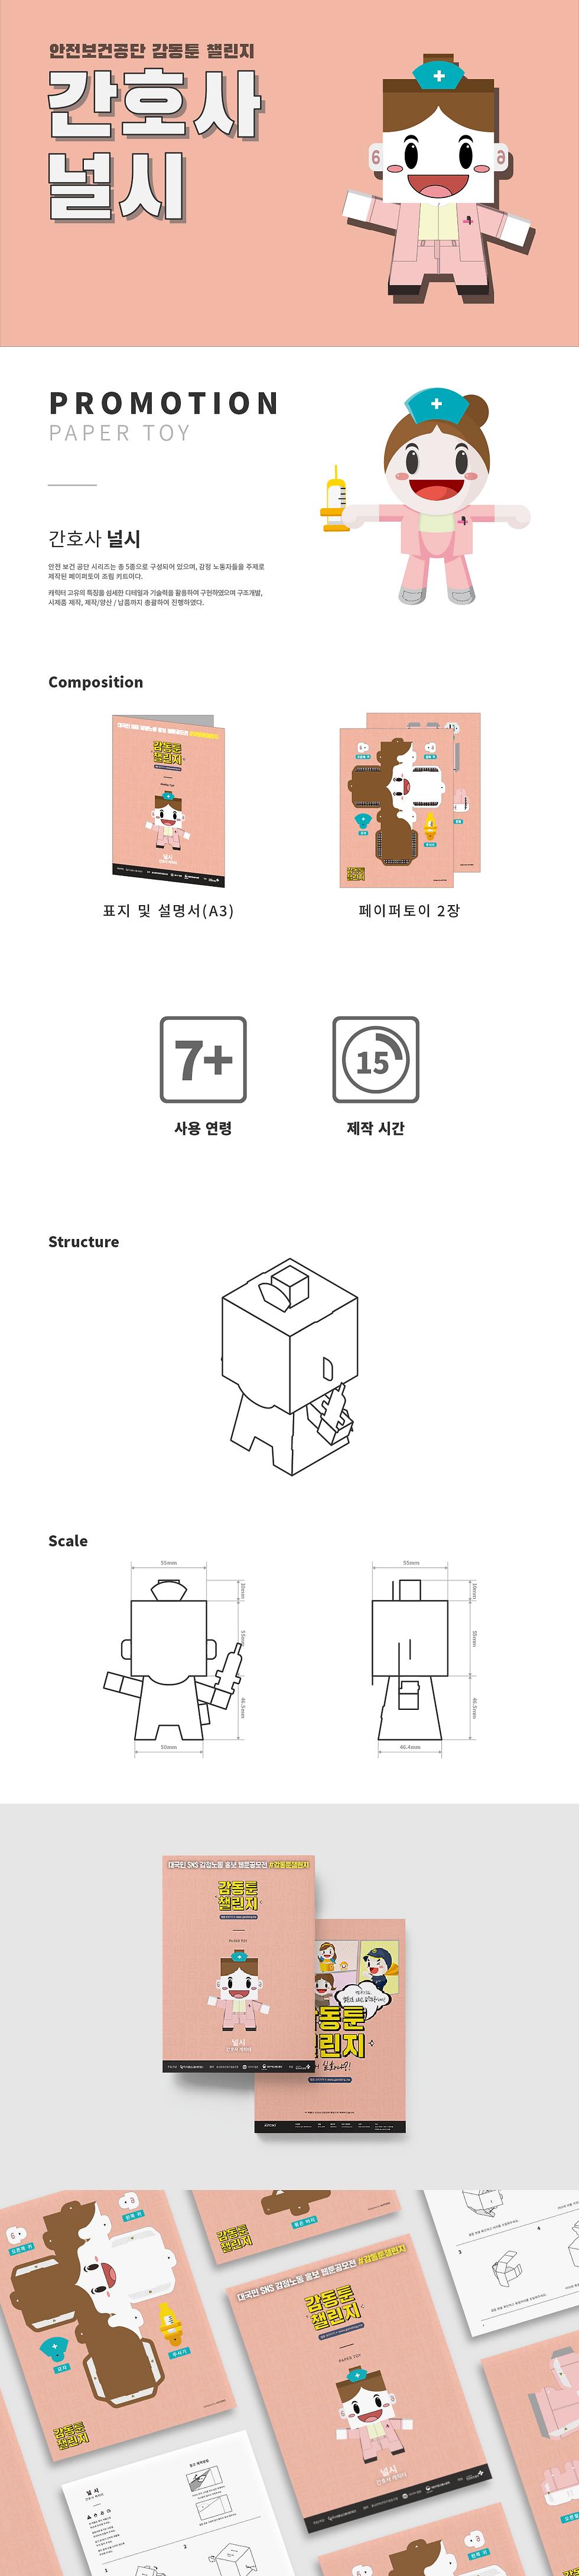 02-22. [2017] 안전보건공단_상세페이지_3.png